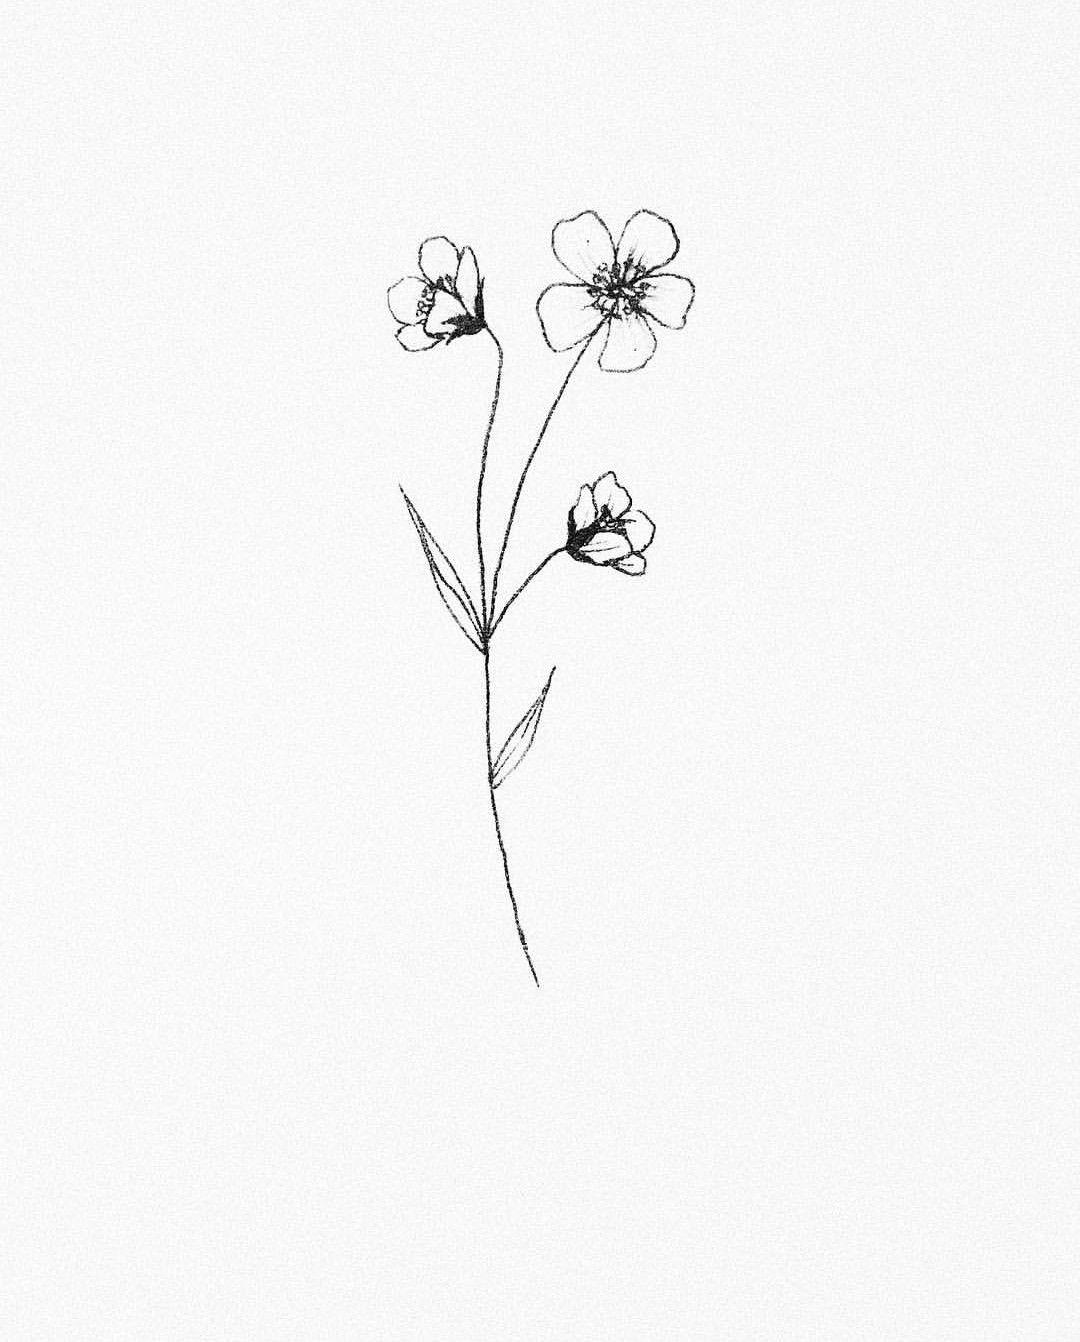 Mohnblume Unbedeutende Zeichnungen Hollowen Hollowen Mohnblume Unbedeutende Zeichnungen In 2020 Flower Tattoo Designs Tattoos Sketch Inspiration